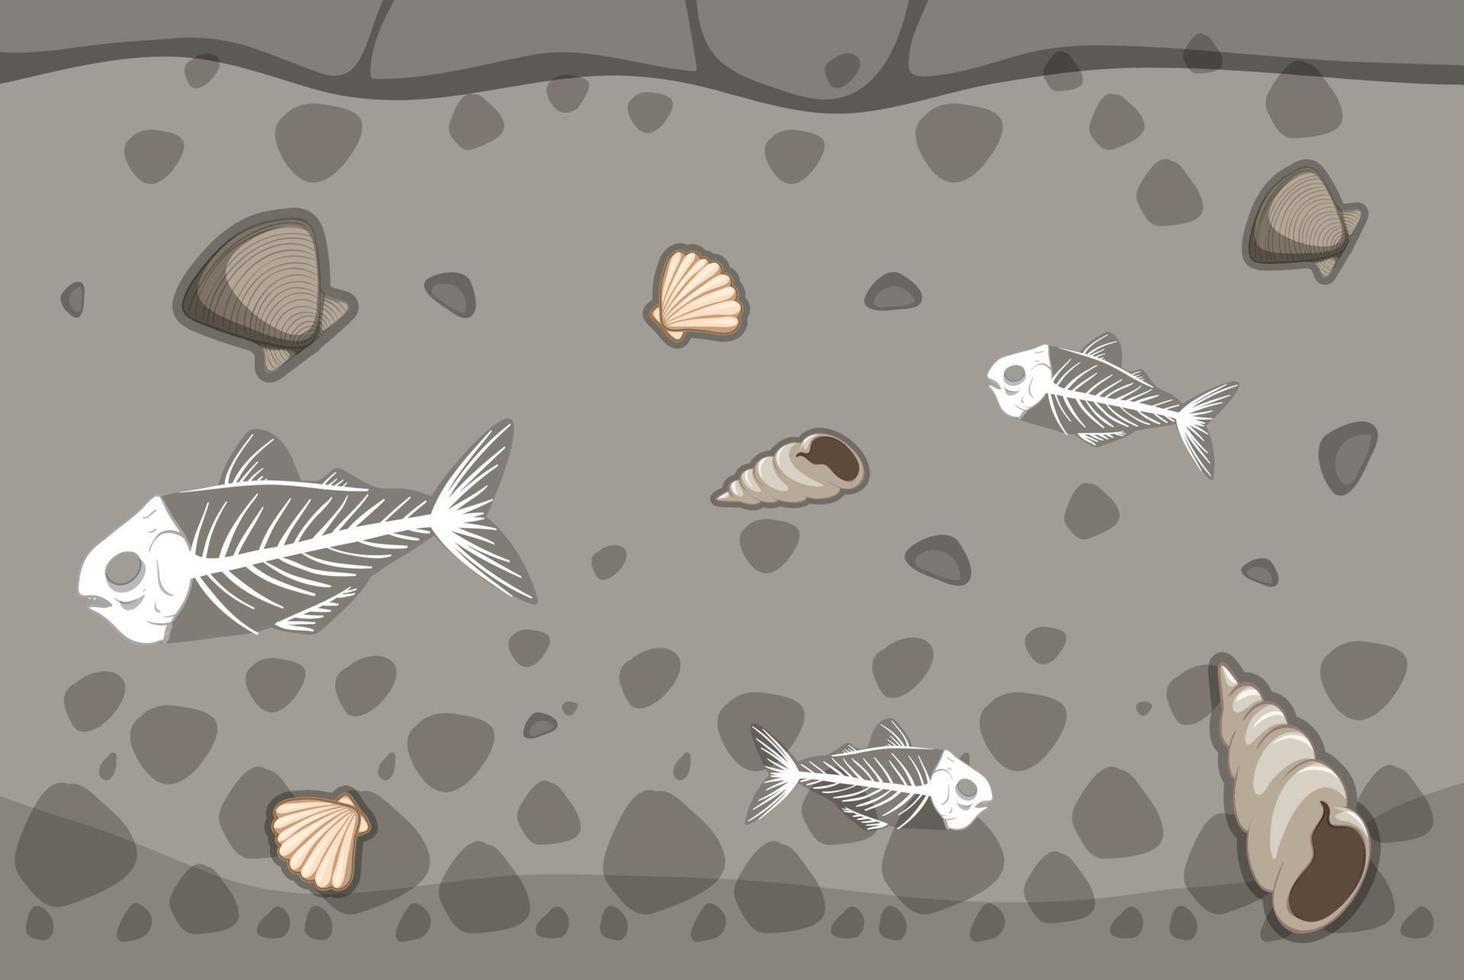 unterirdischer Boden mit Fischgräten- und Muschelfossilien vektor